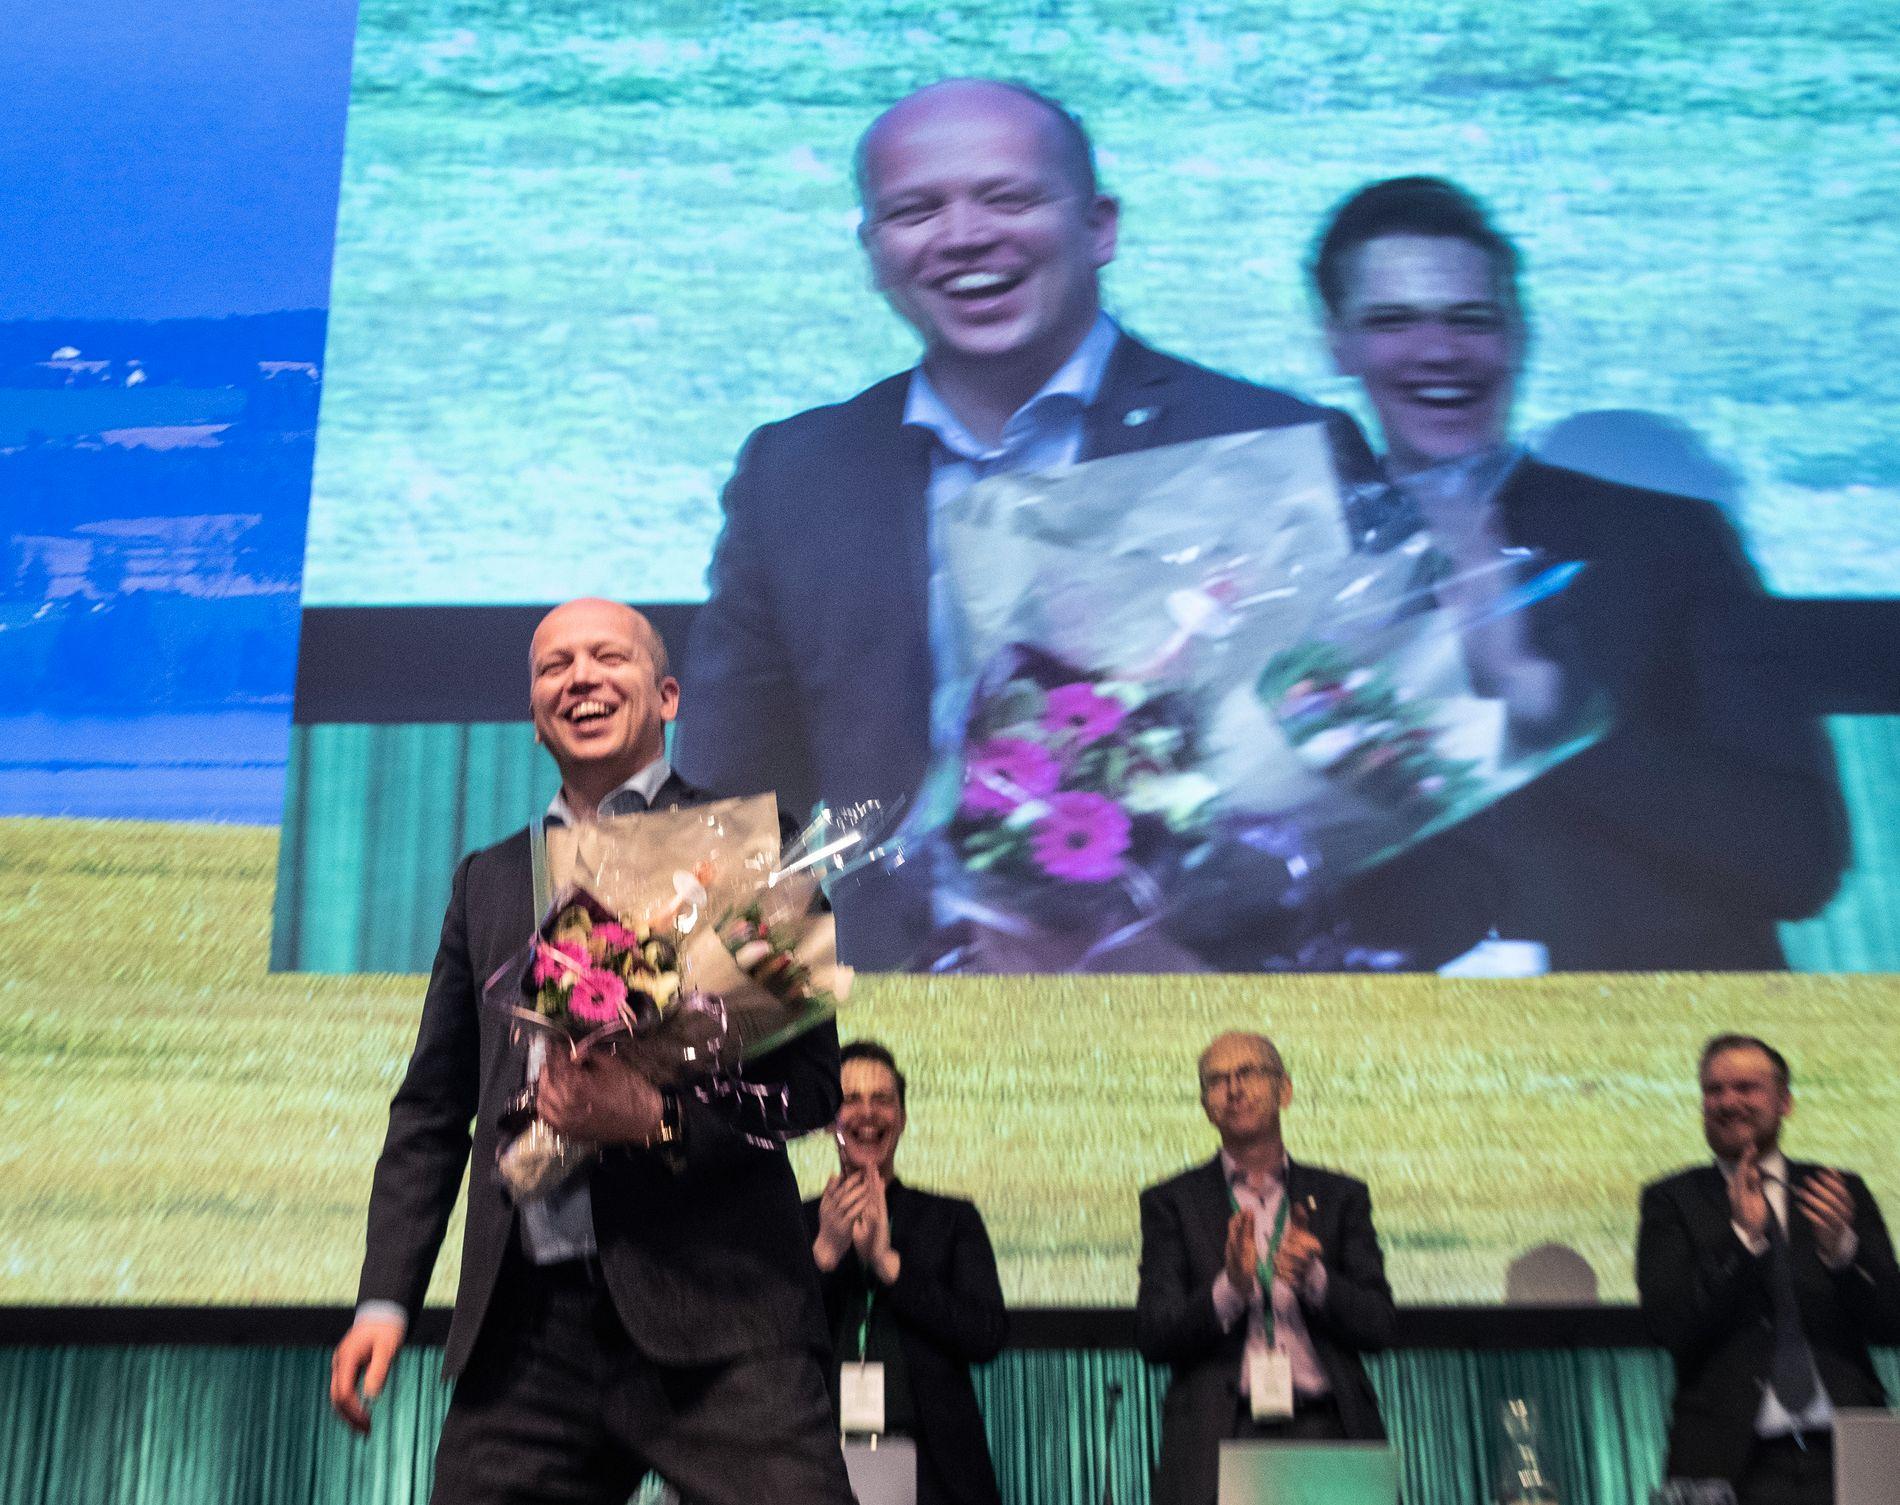 GJENVALGT. Trygve Slagsvold Vedum ble på landsmøtet gjenvalgt som partileder.